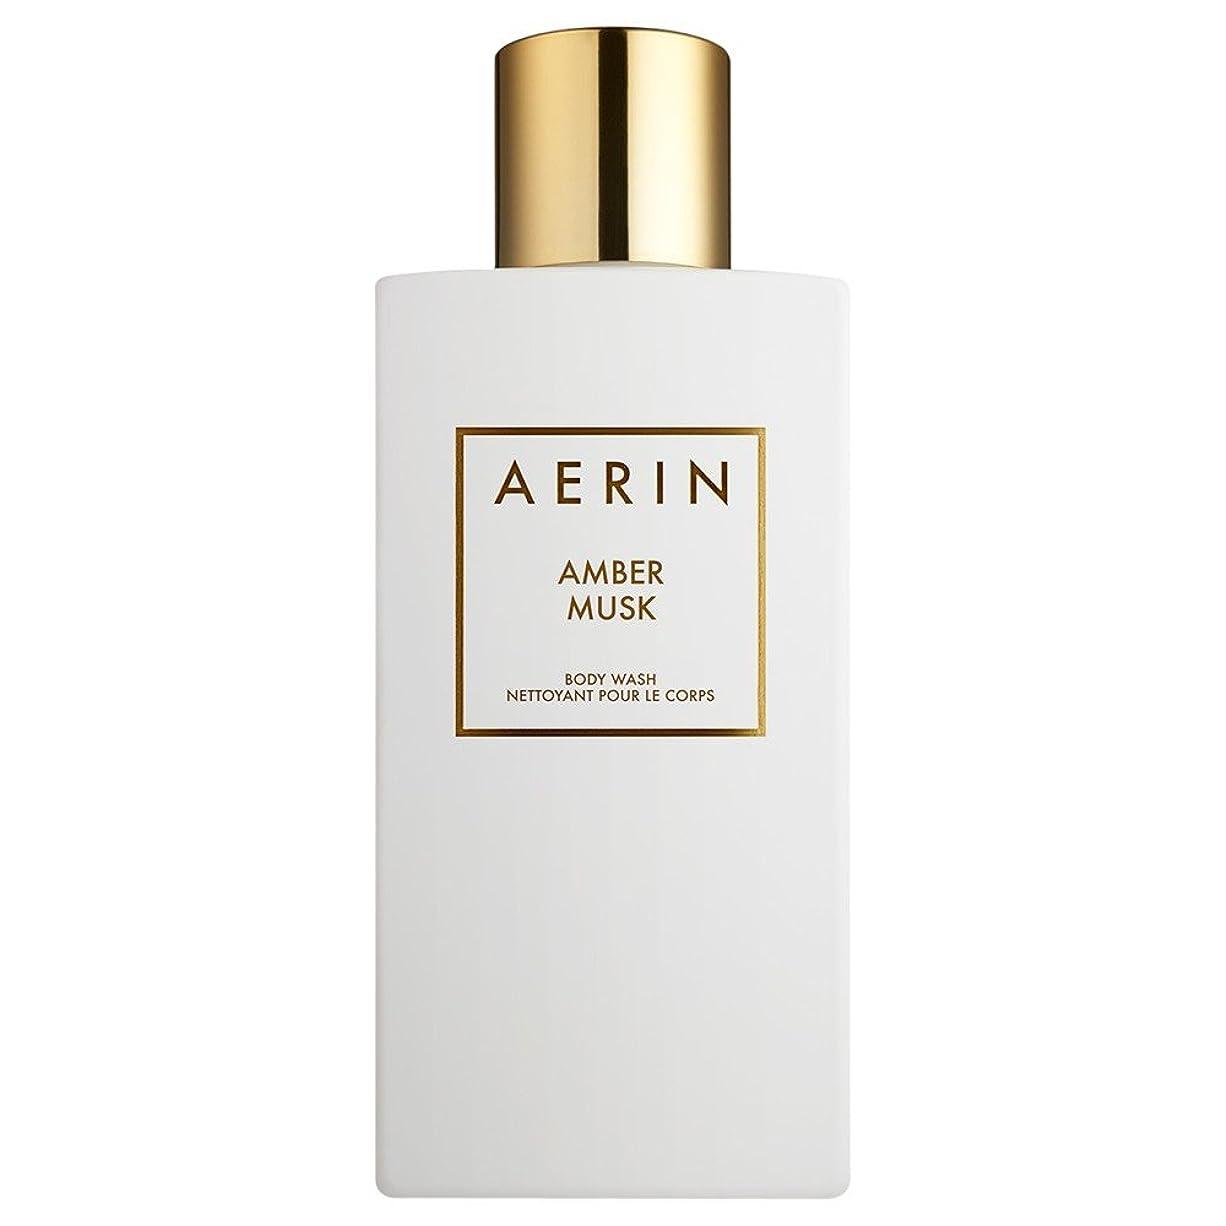 ヒント彼年齢Aerinアンバームスクボディウォッシュ225ミリリットル (AERIN) (x2) - AERIN Amber Musk Bodywash 225ml (Pack of 2) [並行輸入品]